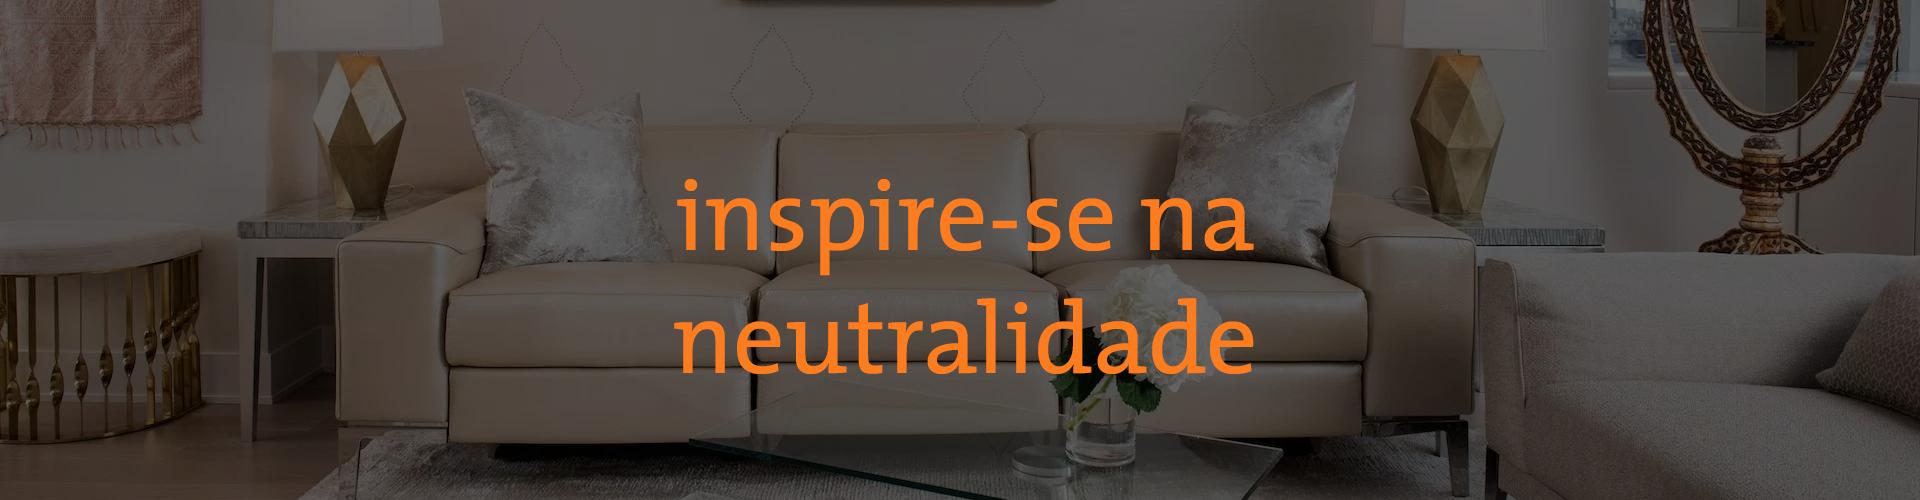 inspire-se na neutralidade